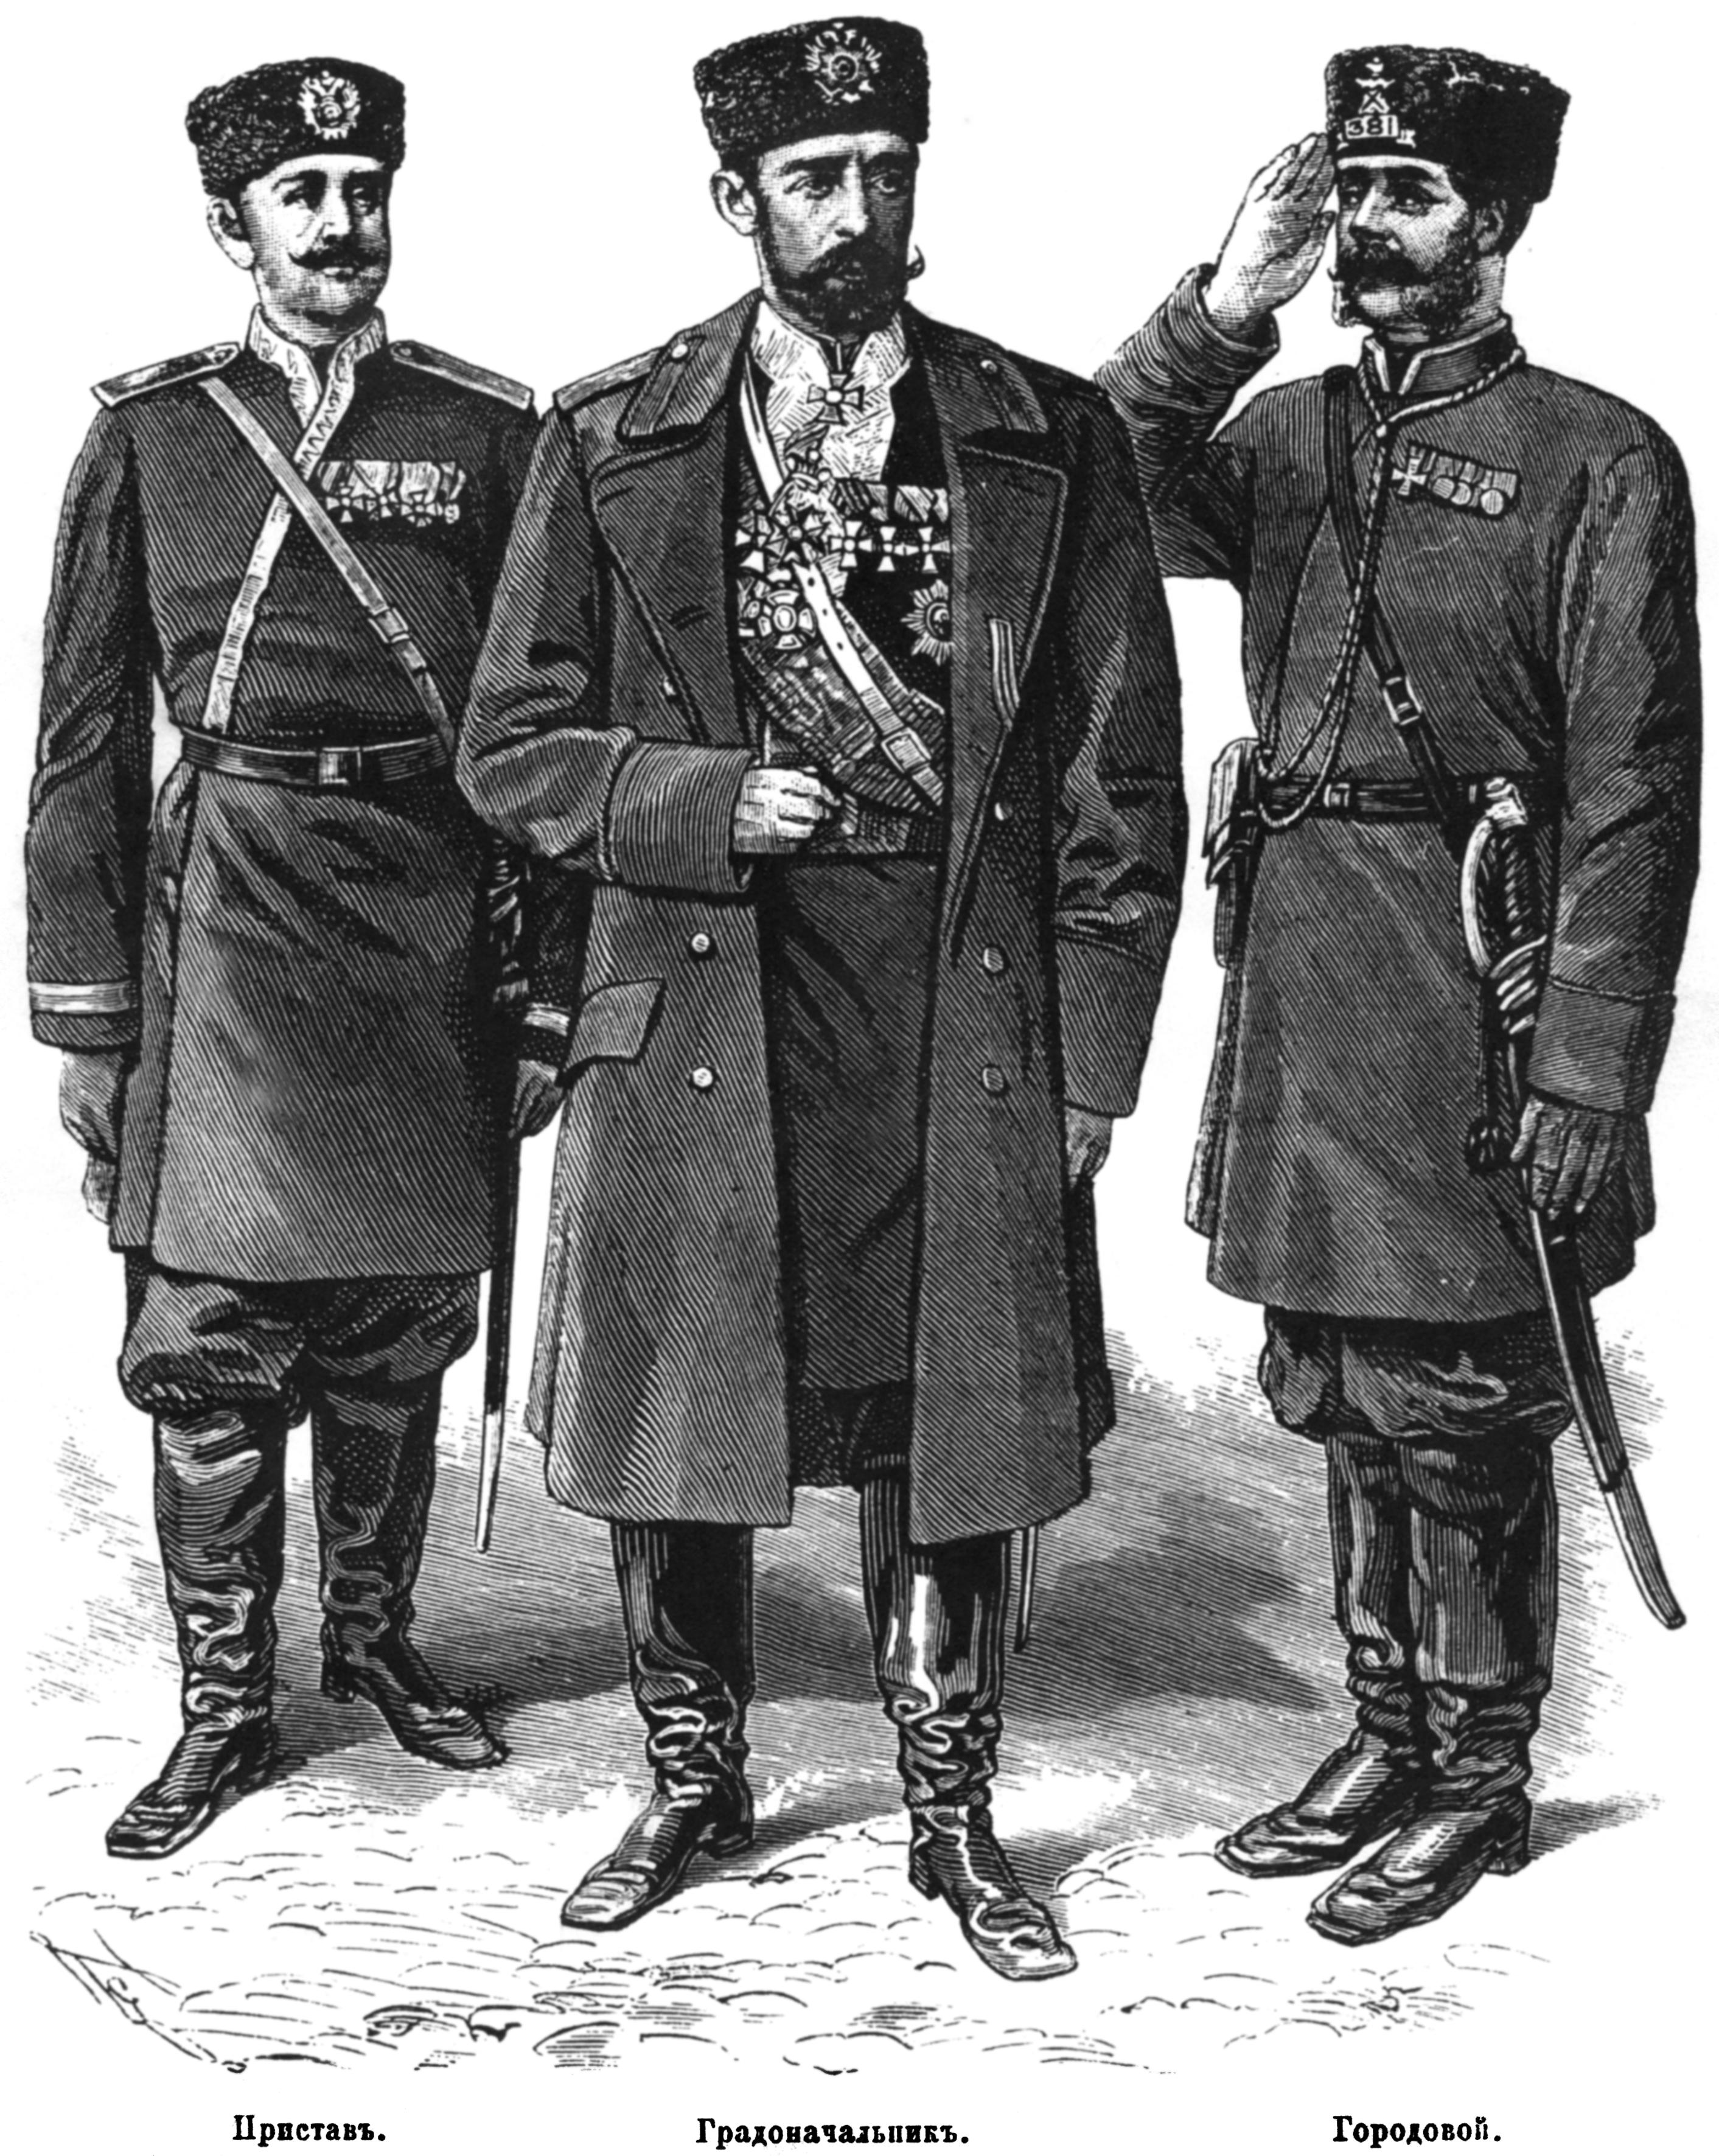 чиновники царской охранки форма одежды картинки содержимому легко получит